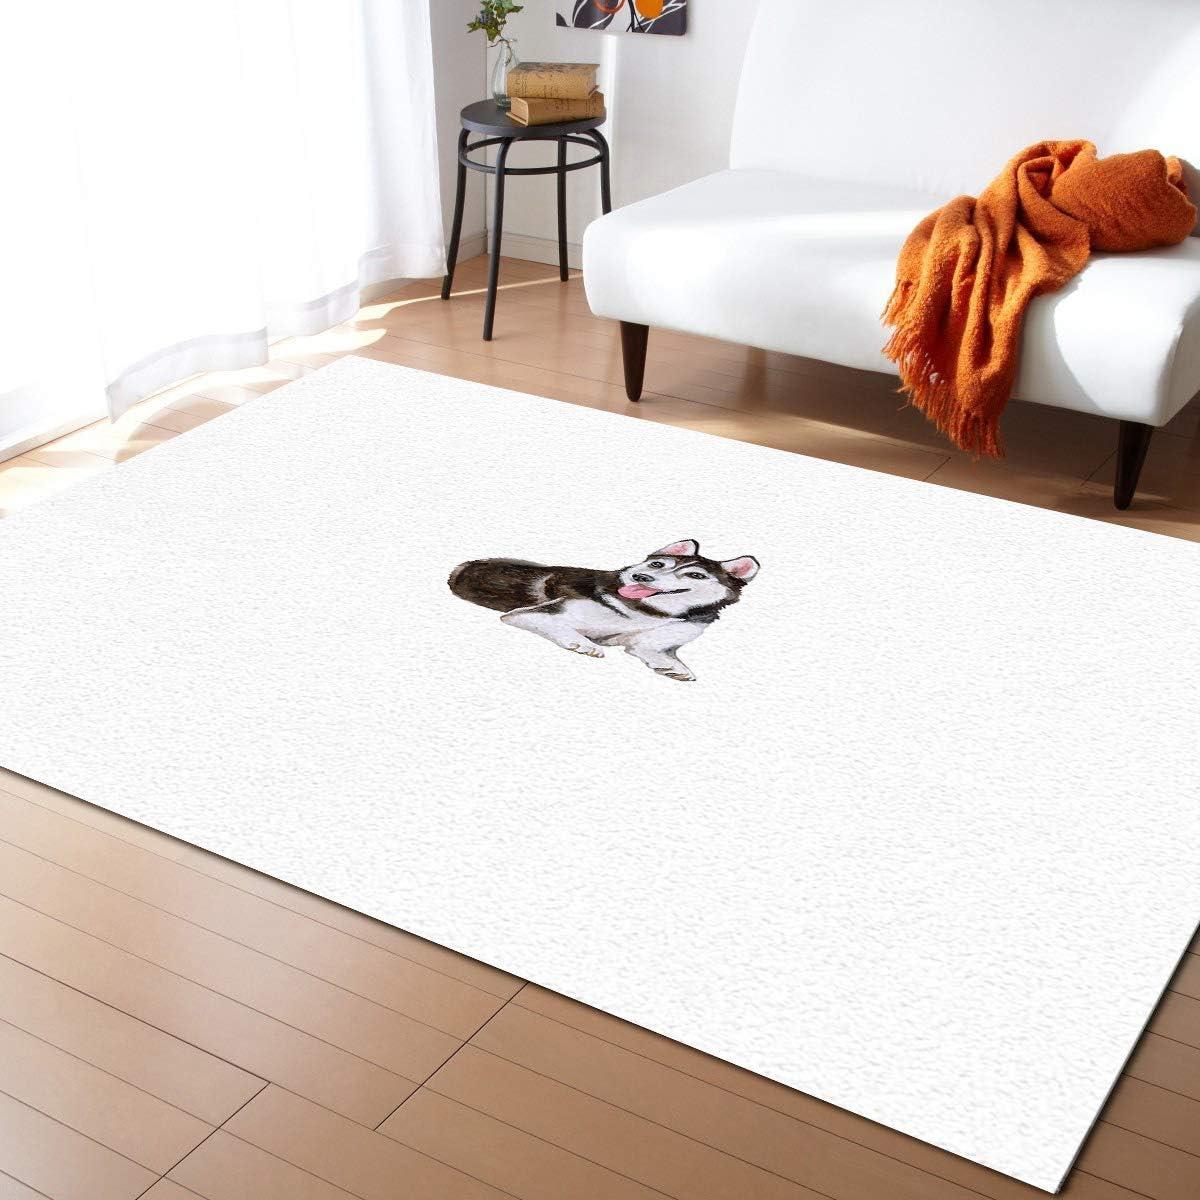 ARTSHOWING Dog Lover Regular dealer Decor Area Carpets Rug Non-Slip NEW before selling Decorative